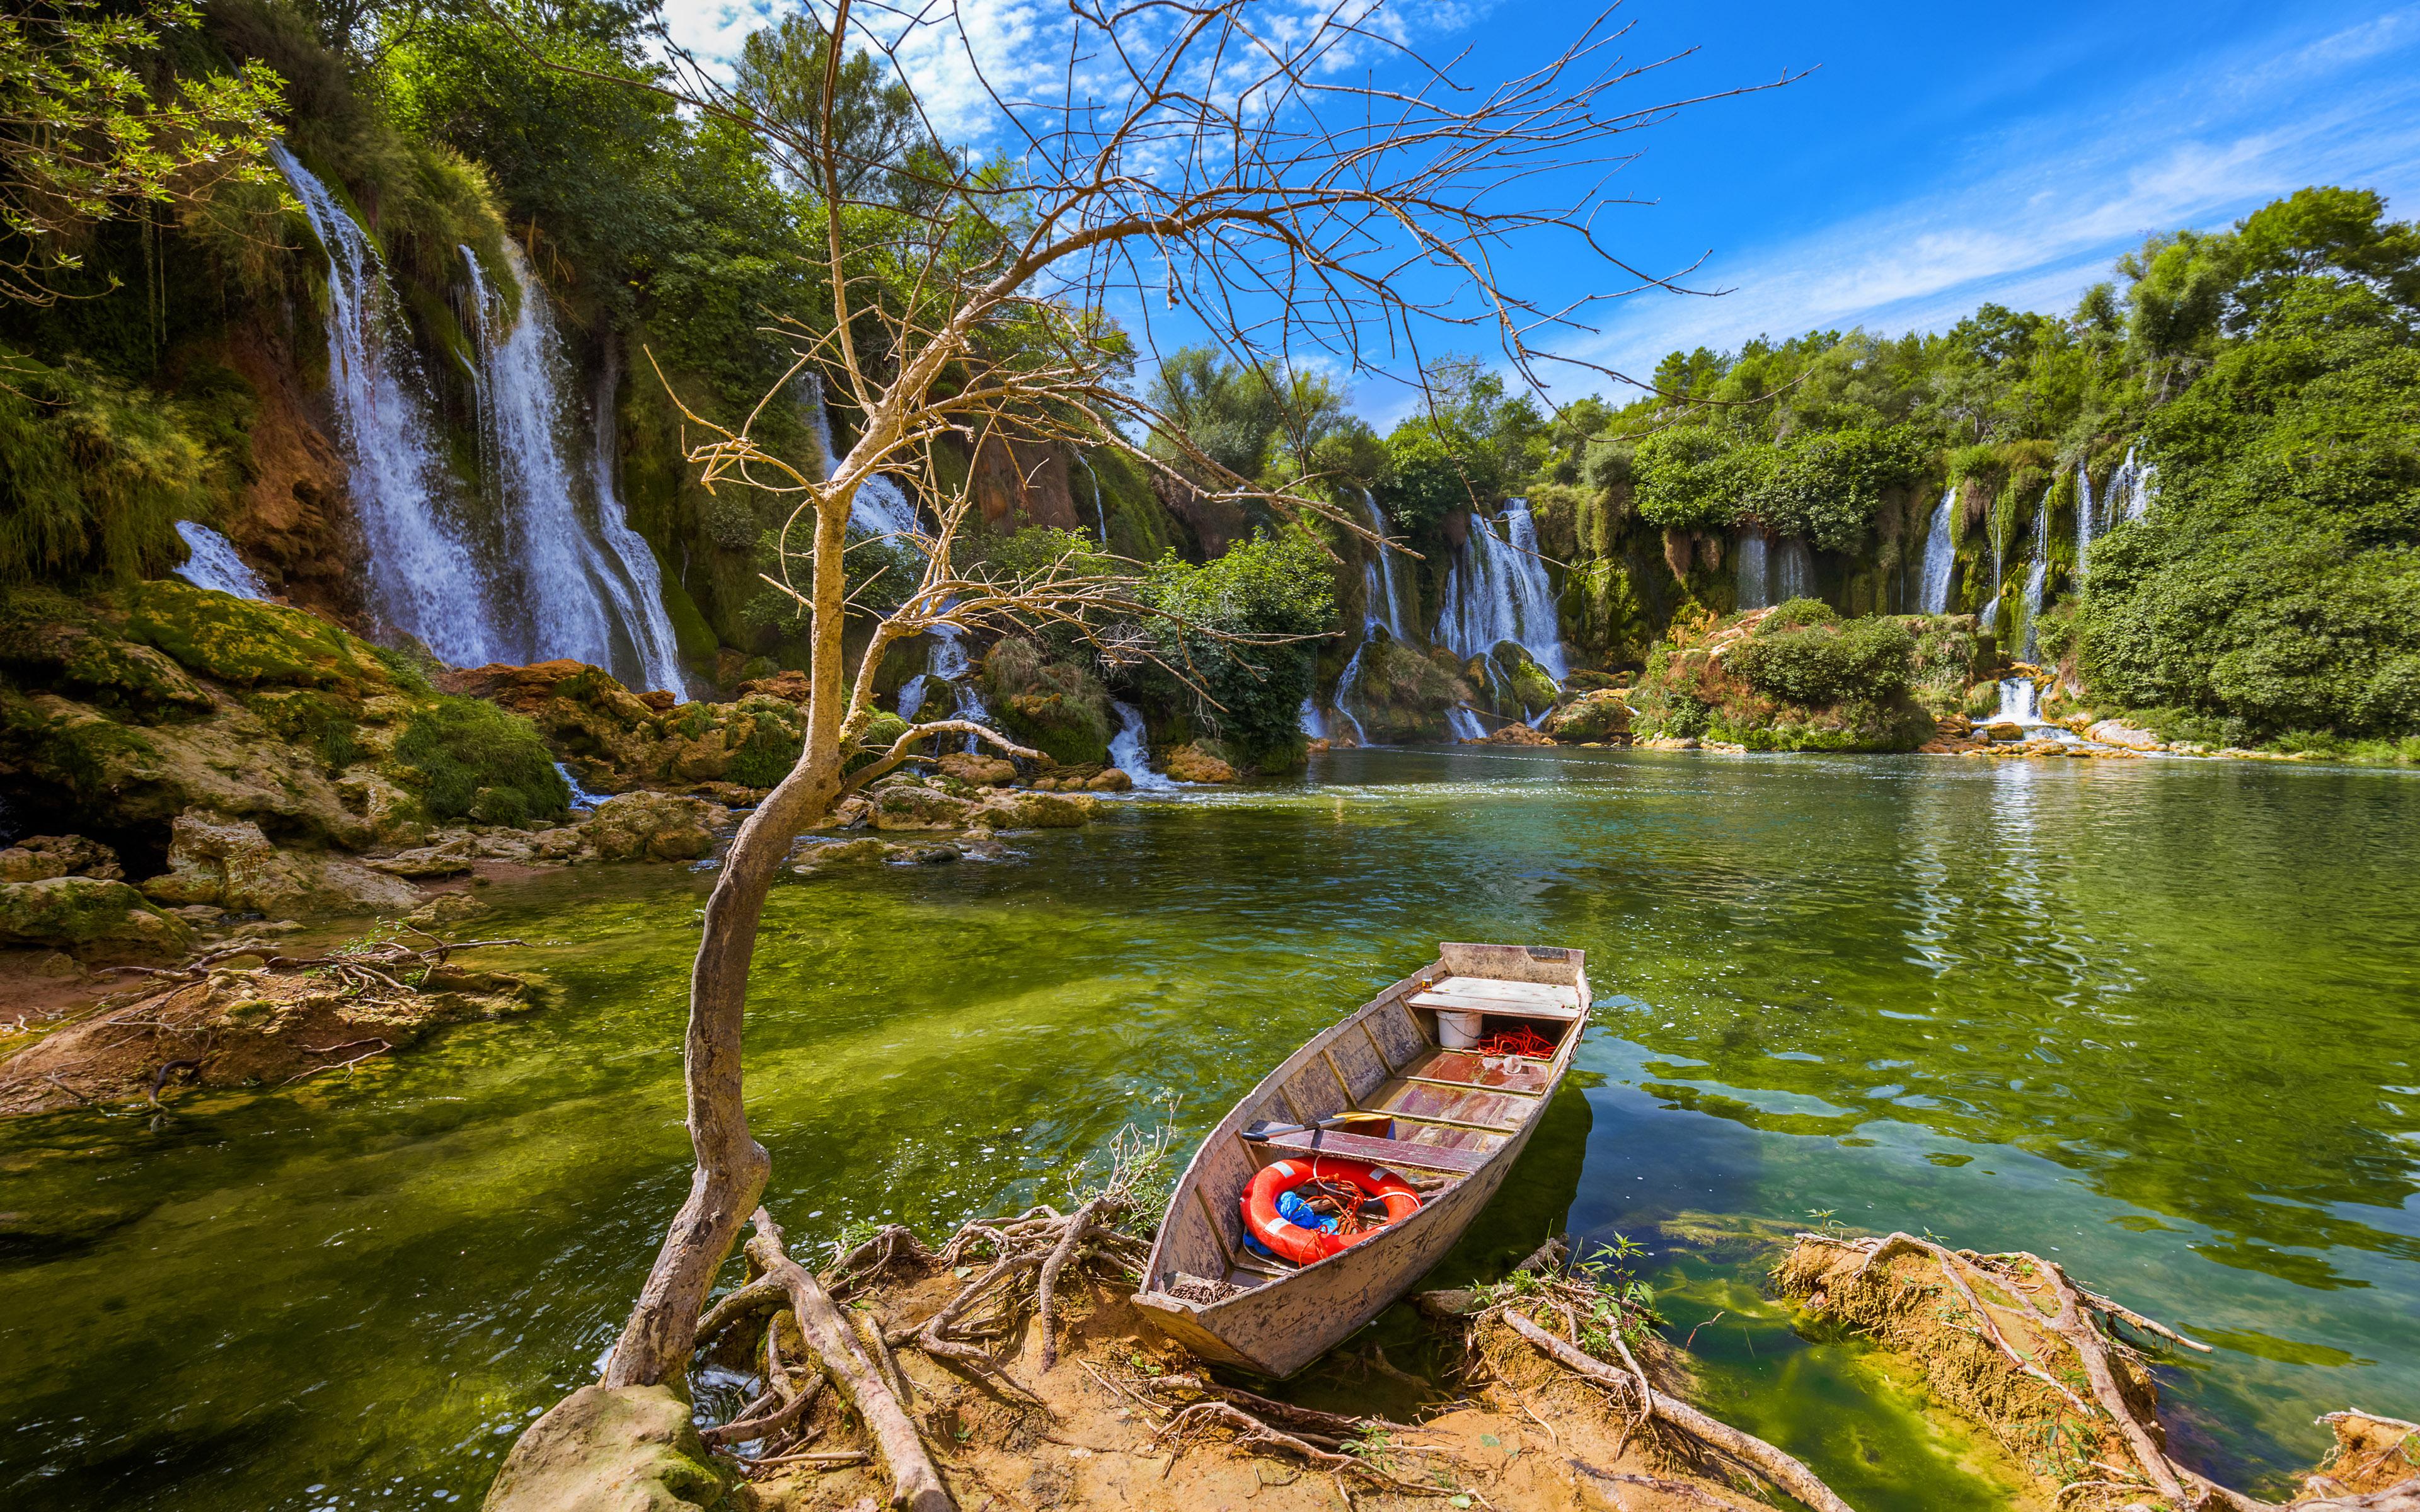 Beautiful Full Hd Nature 3840x2400 Download Hd Wallpaper Wallpapertip